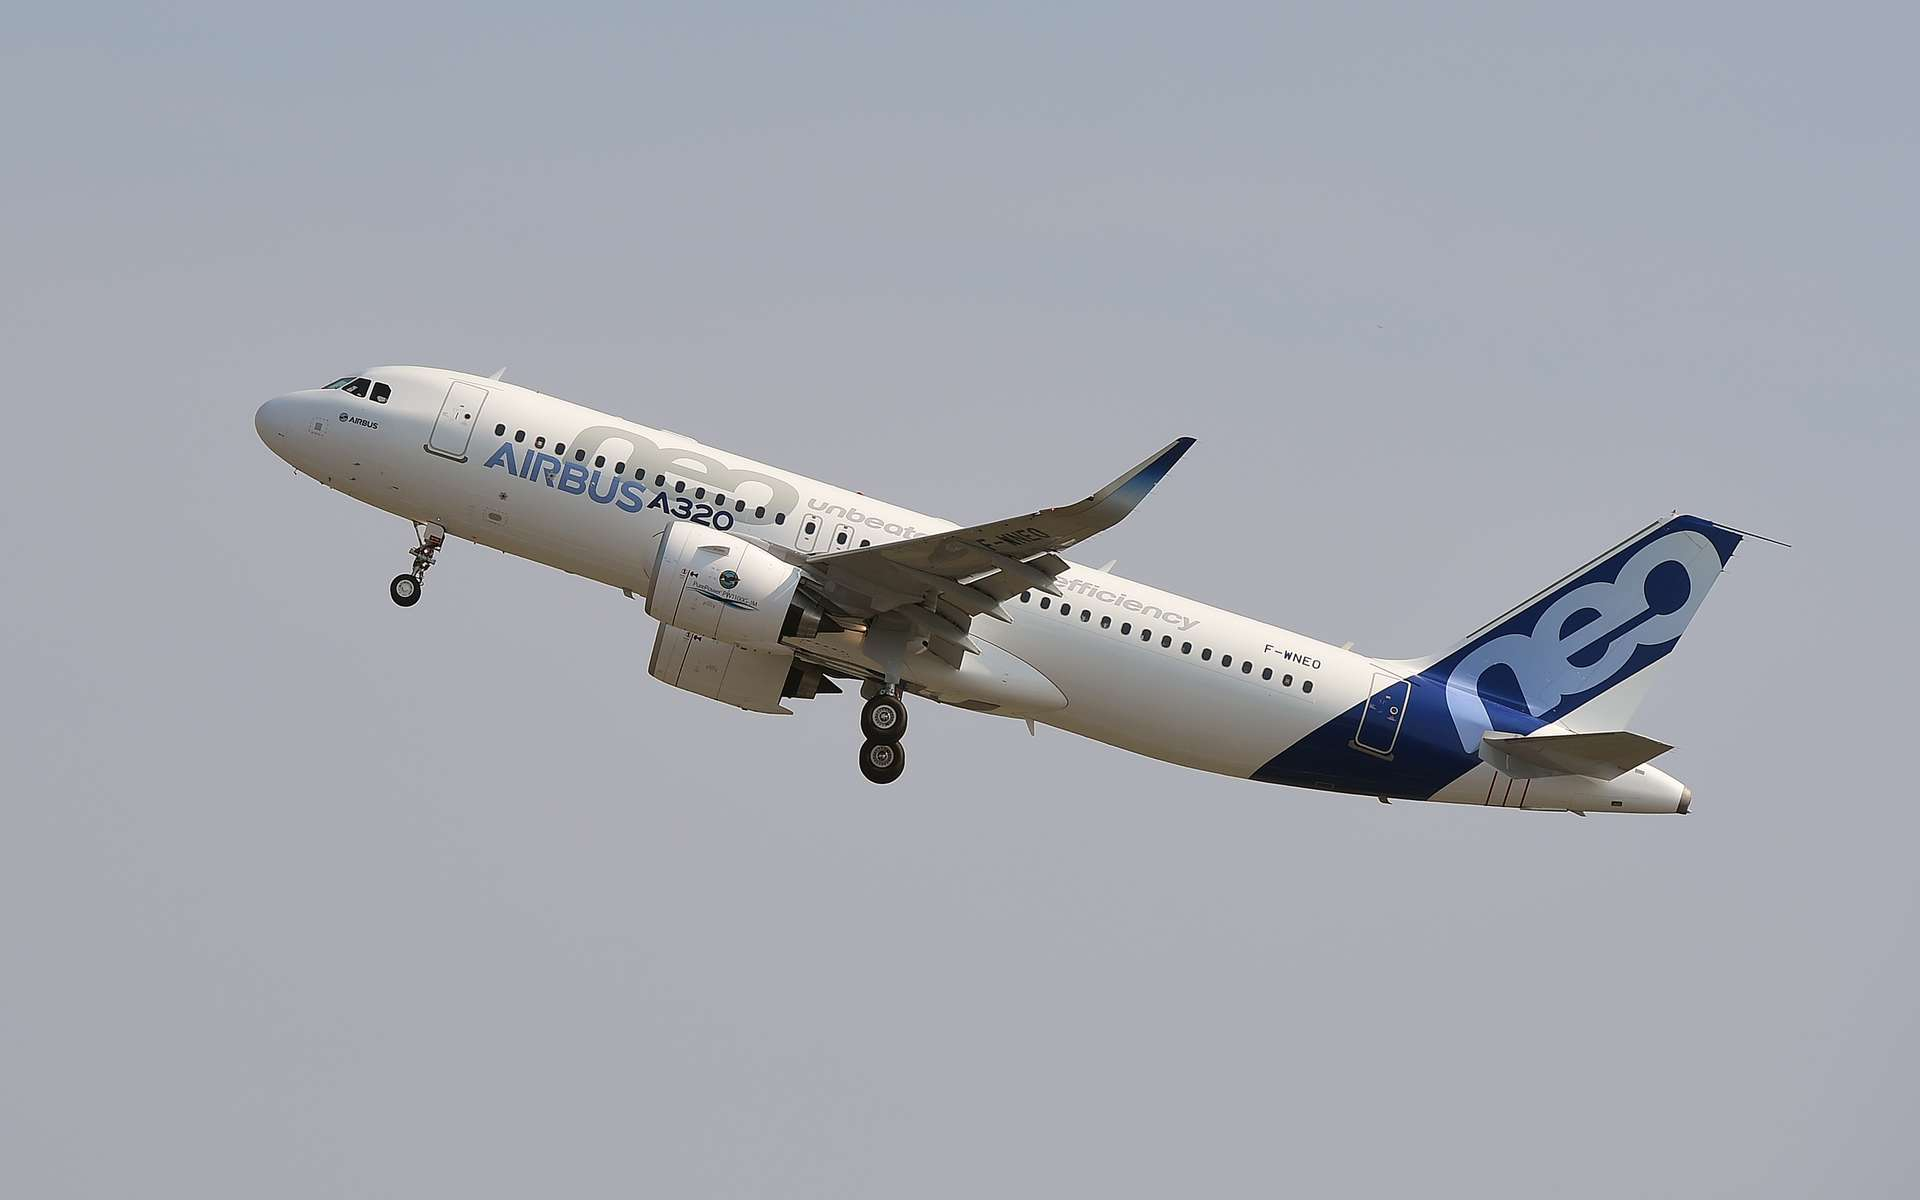 La consommation en carburant de l'A320 Neo d'Airbus a été réduite de 15 % par rapport à son prédécesseur. © Érirc Cabanos, AFP Photo